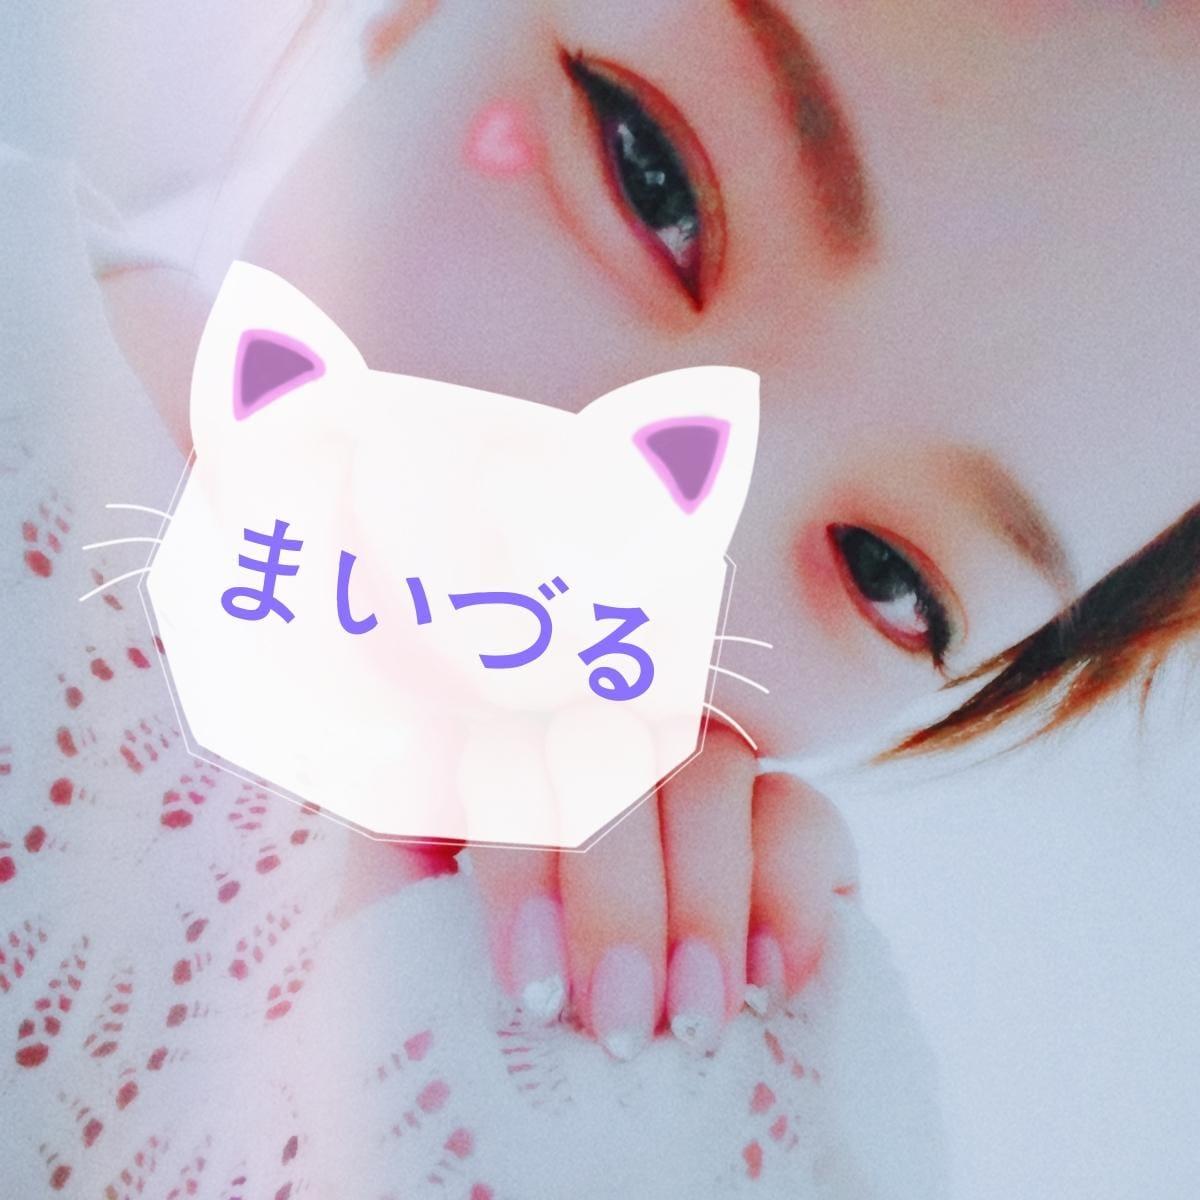 「#大変お世話になりました*☆*」12/31(月) 19:28 | 舞鶴の写メ・風俗動画